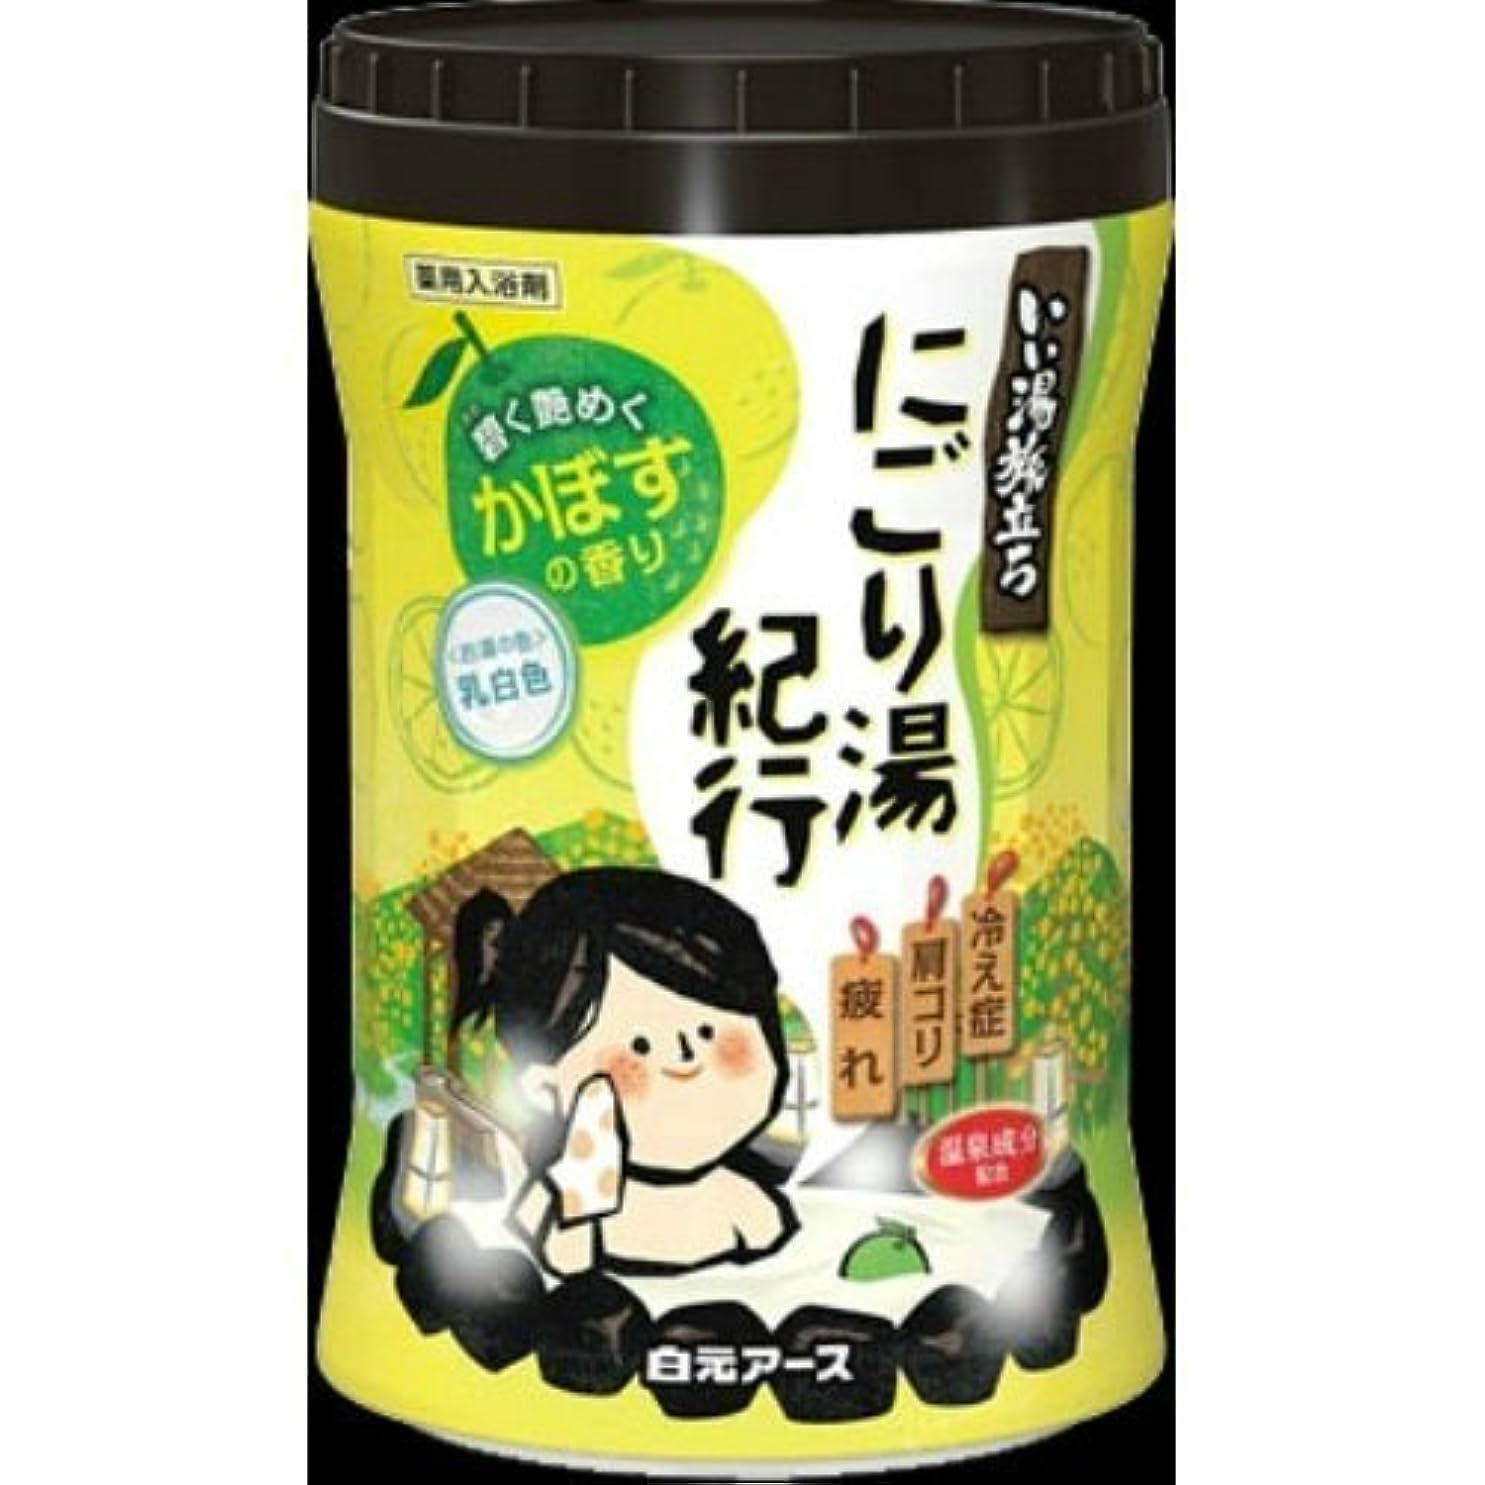 許すベアリングサークルトランスミッションいい湯旅立ちボトル にごり湯紀行 かぼすの香り600g × 15個セット